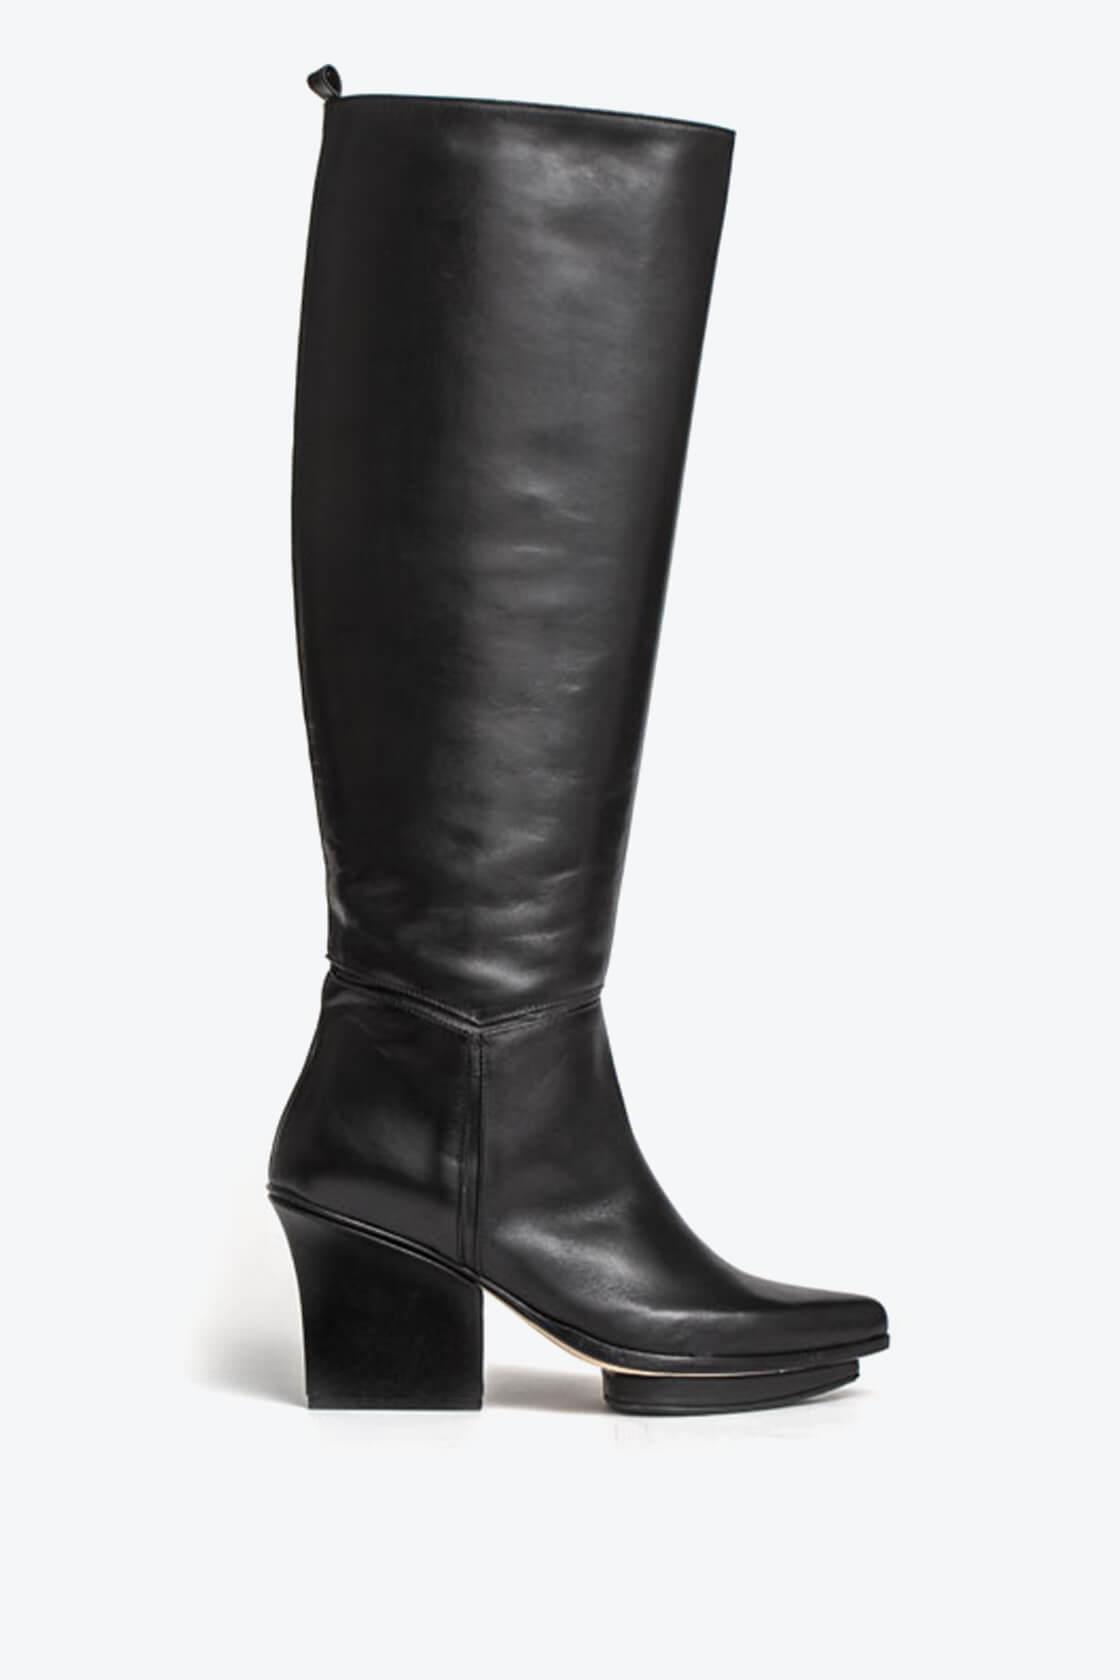 EJK0000055 Mira knee high boots black 1